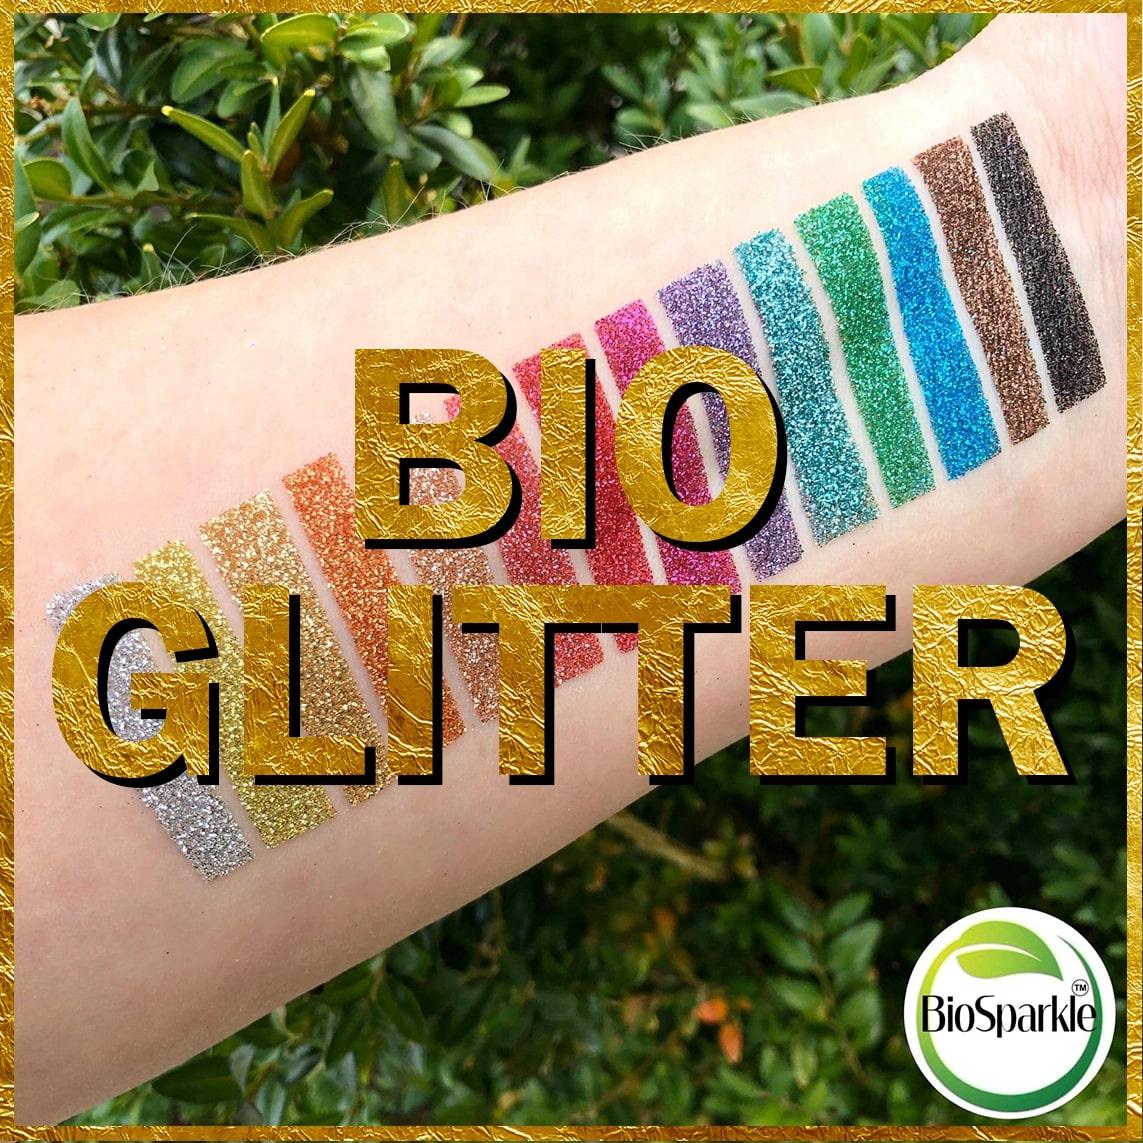 bioglitter, bio glitter, eco glitter, biodegradable glitter